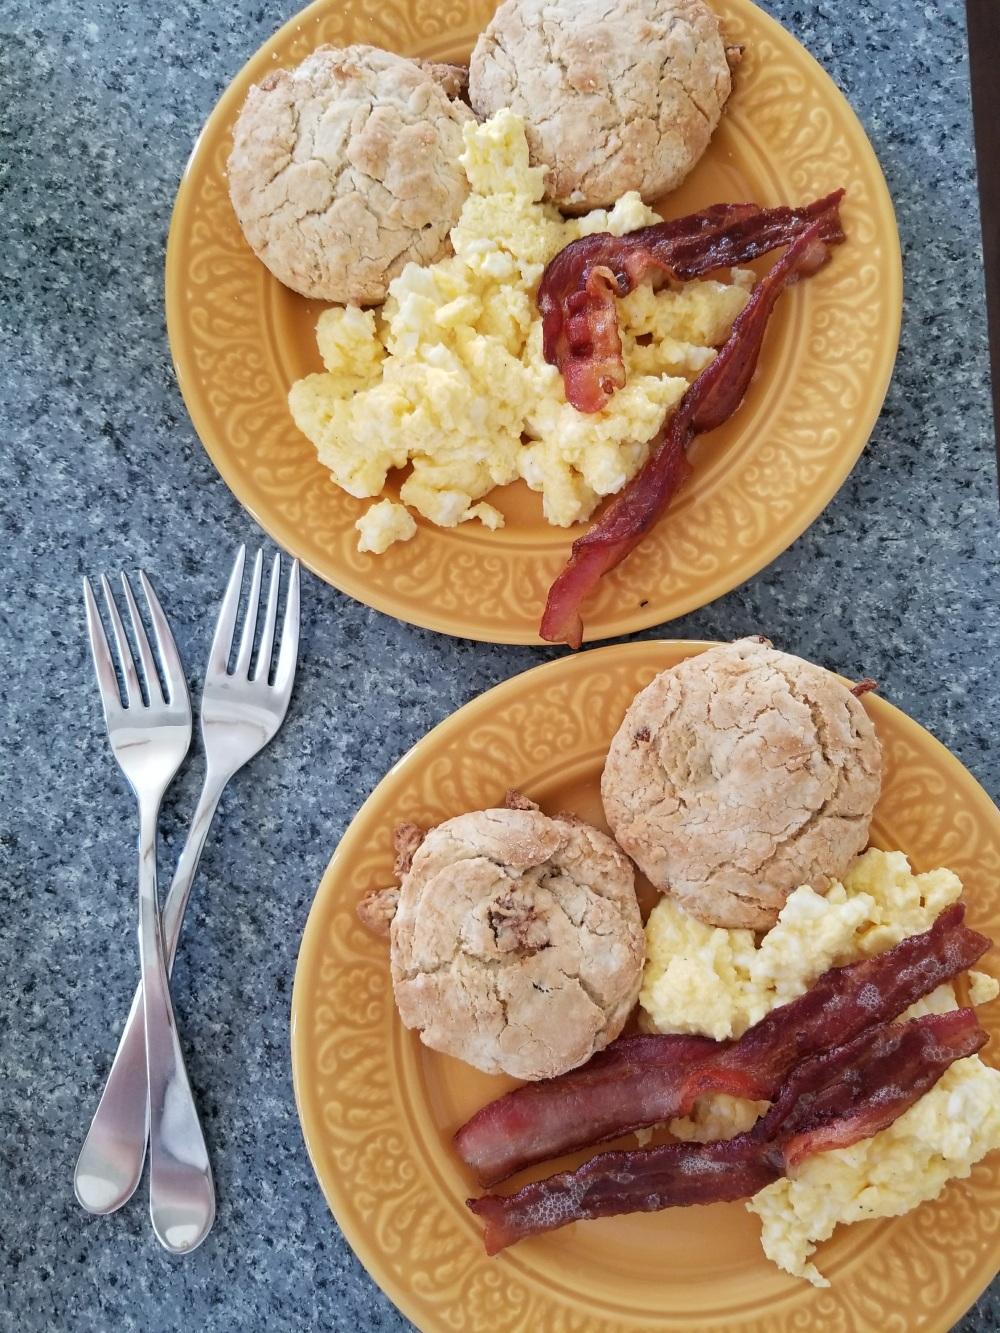 16. Breakfast